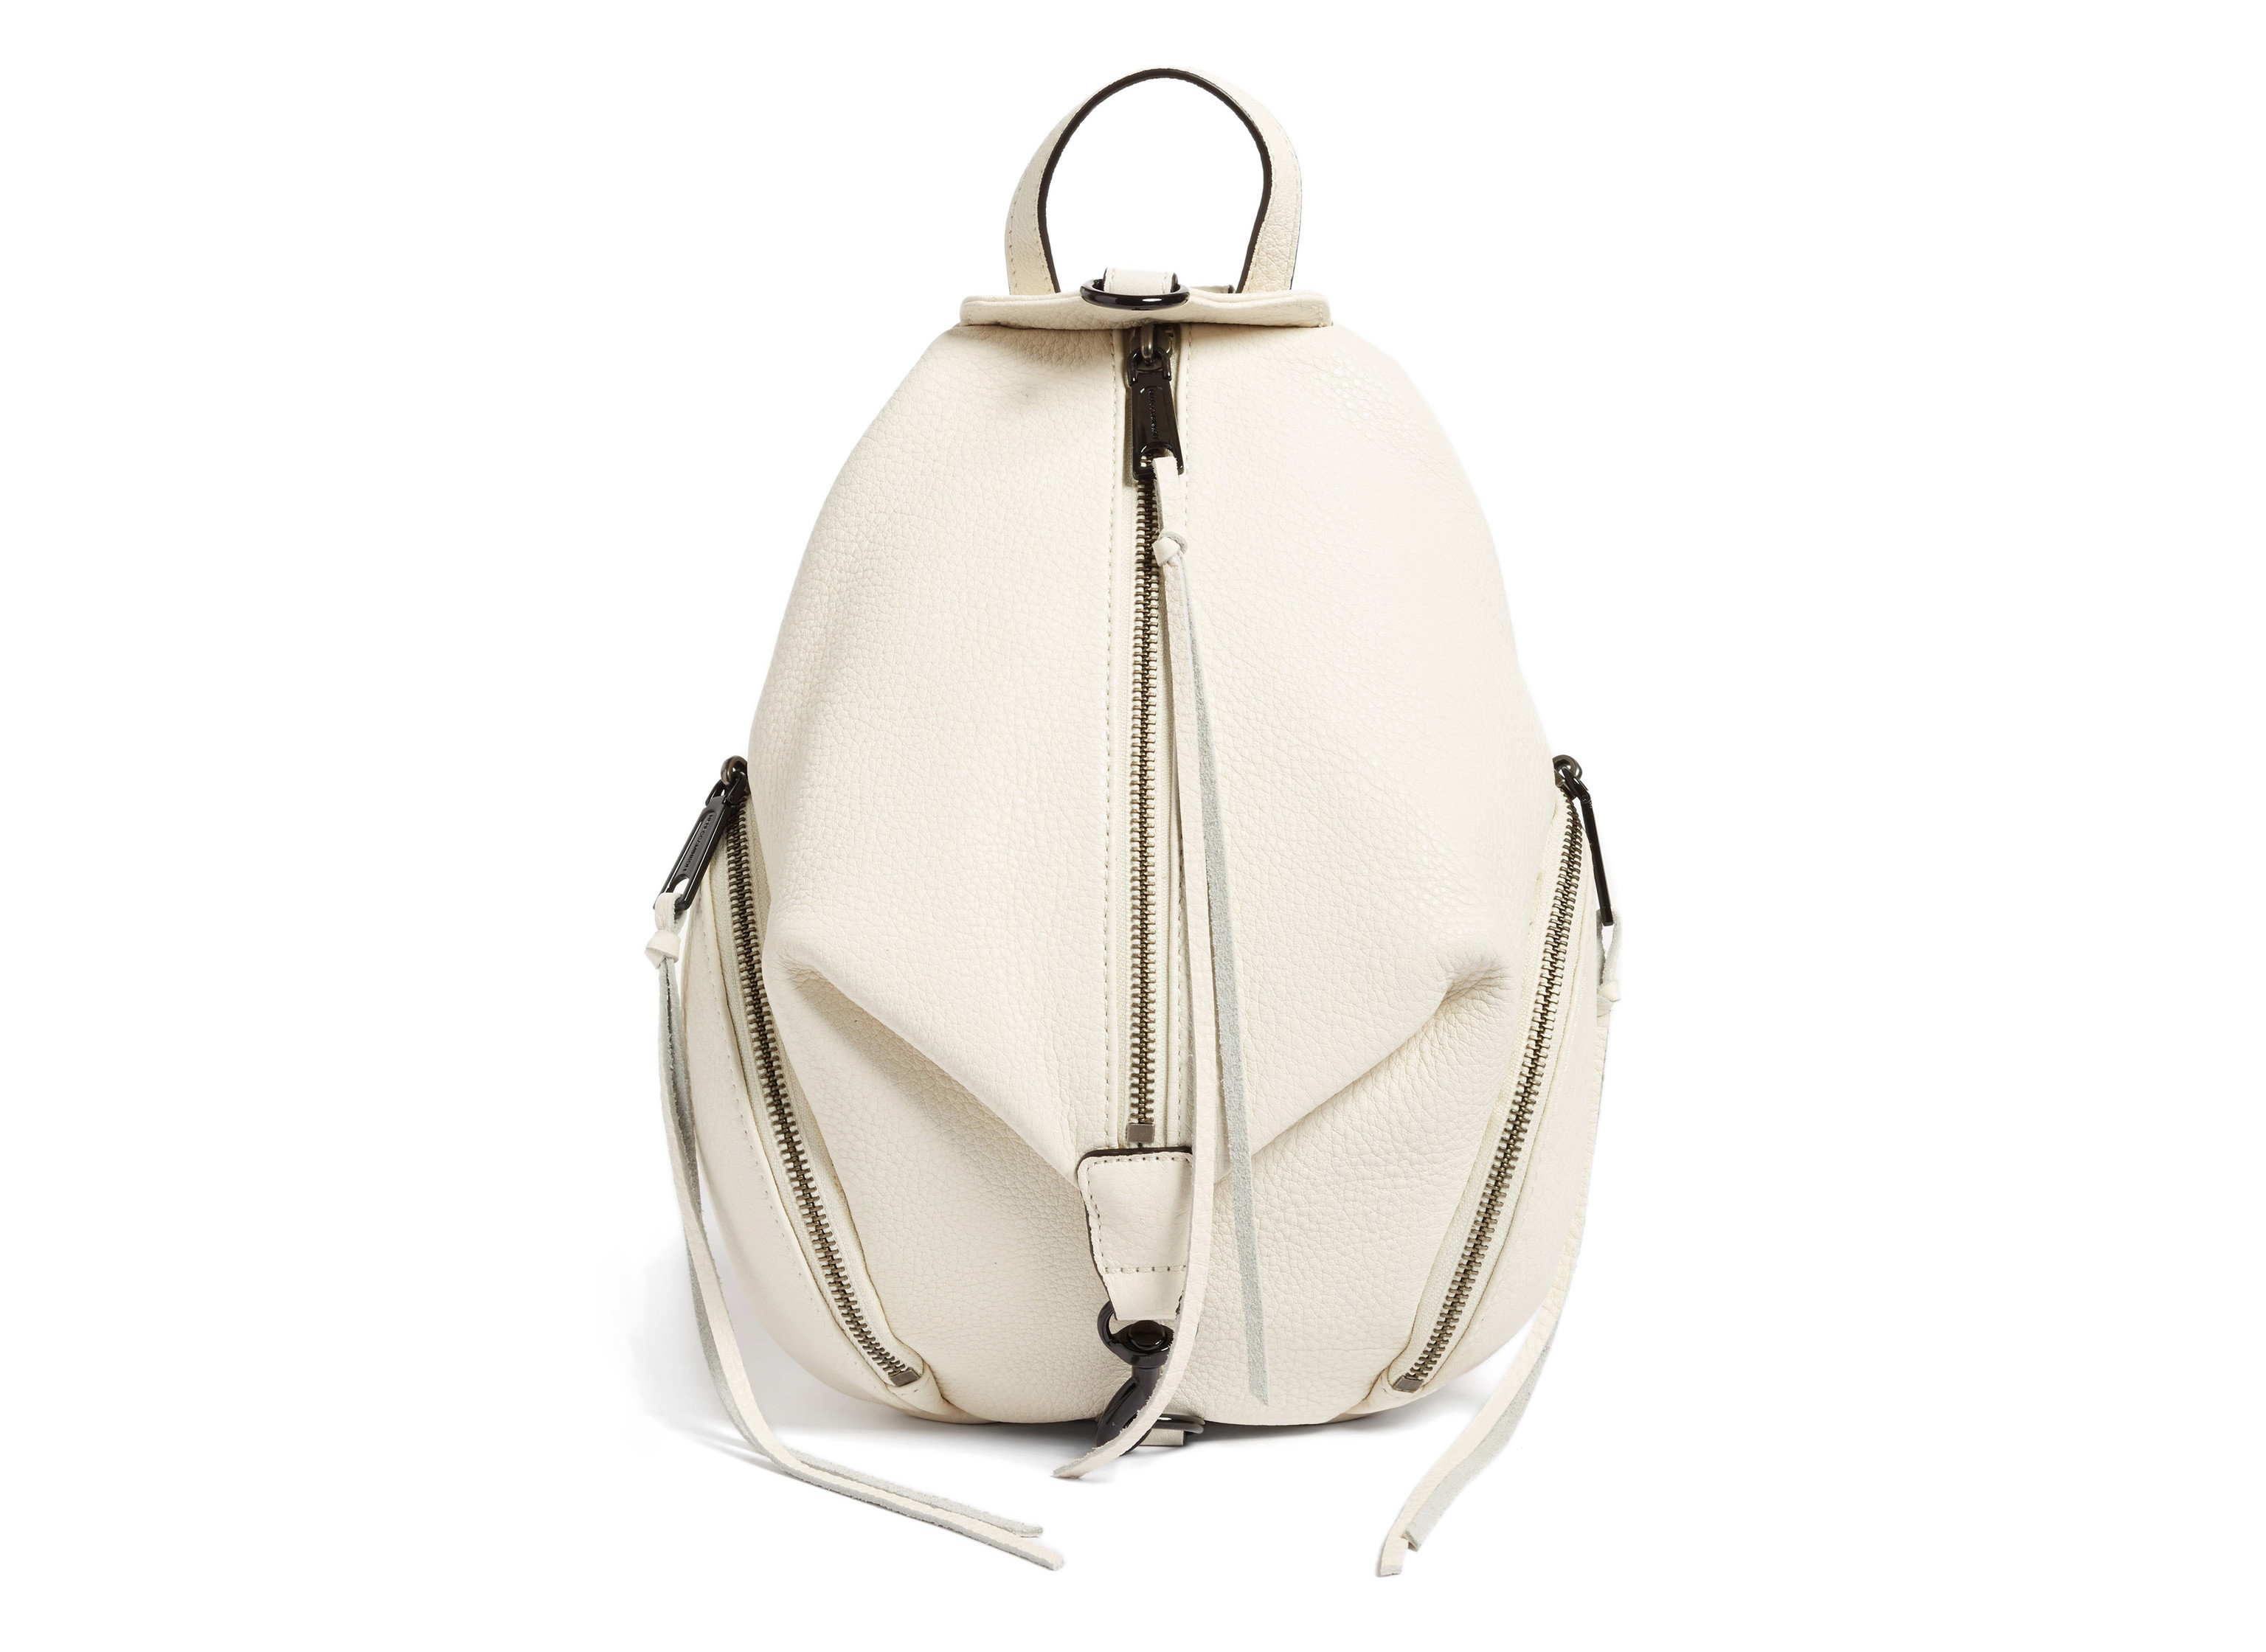 Style + Design white indoor bag handbag beige shoulder bag product product design